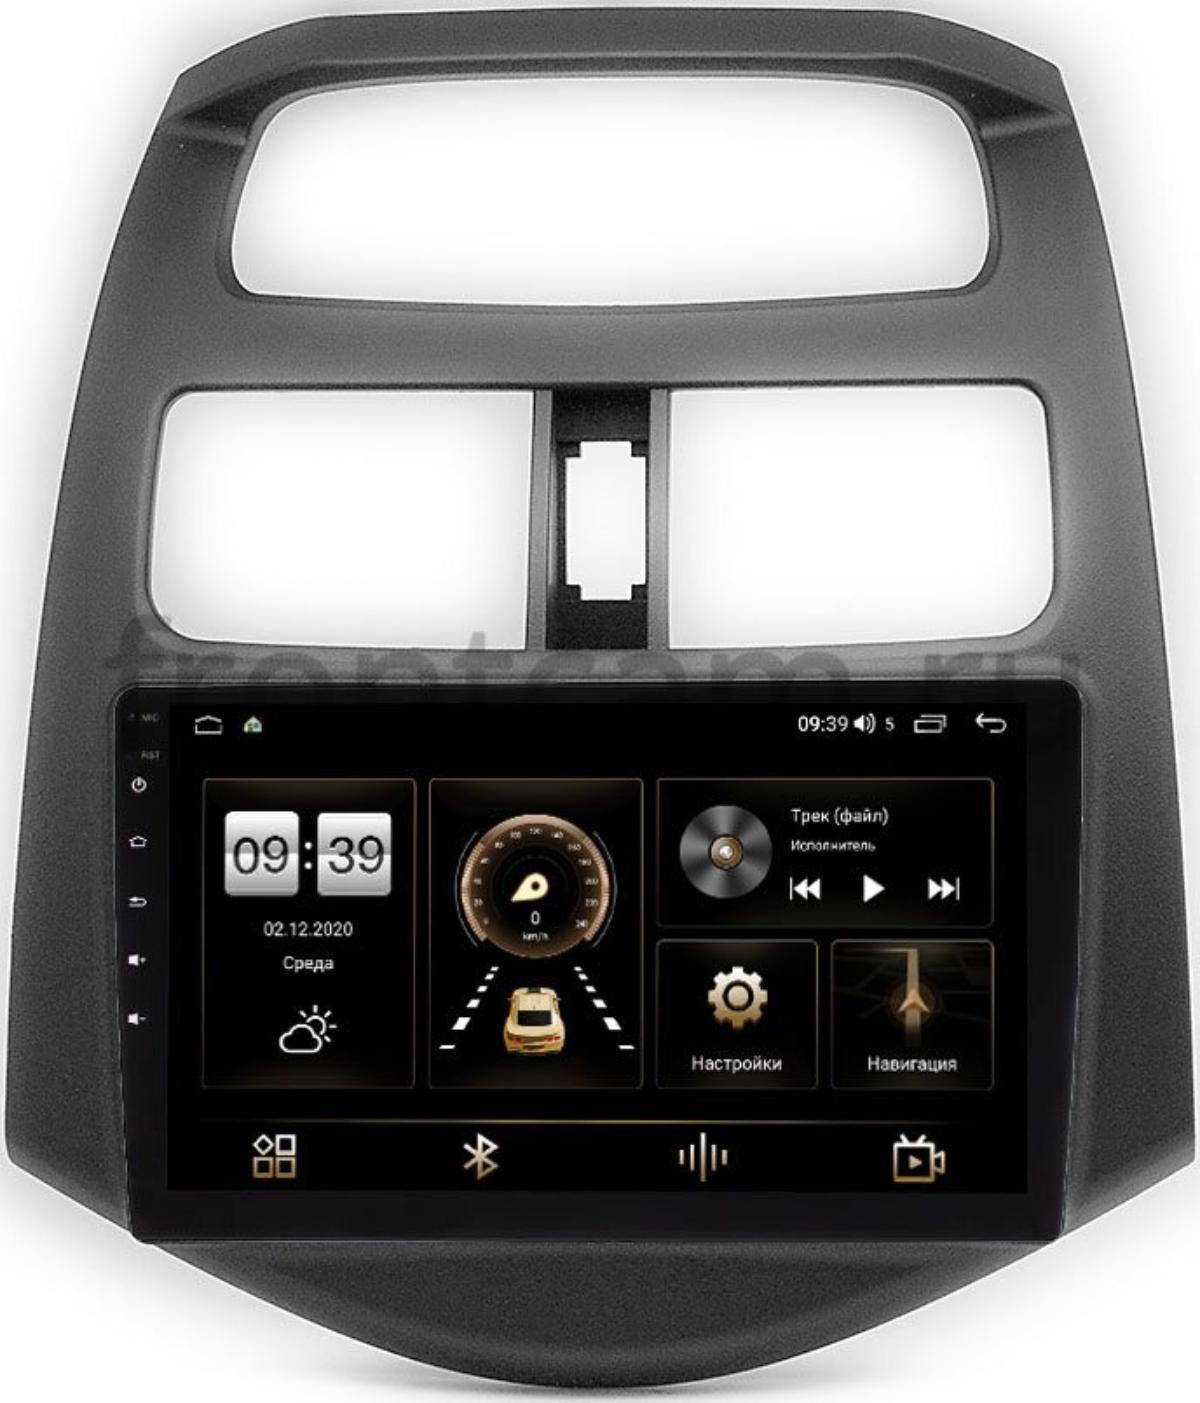 Штатная магнитола Daewoo Matiz Creative (M300) 2009-2011 (матовая) LeTrun 4196-9-180 на Android 10 (6/128, DSP, QLed) С оптическим выходом (+ Камера заднего вида в подарок!)